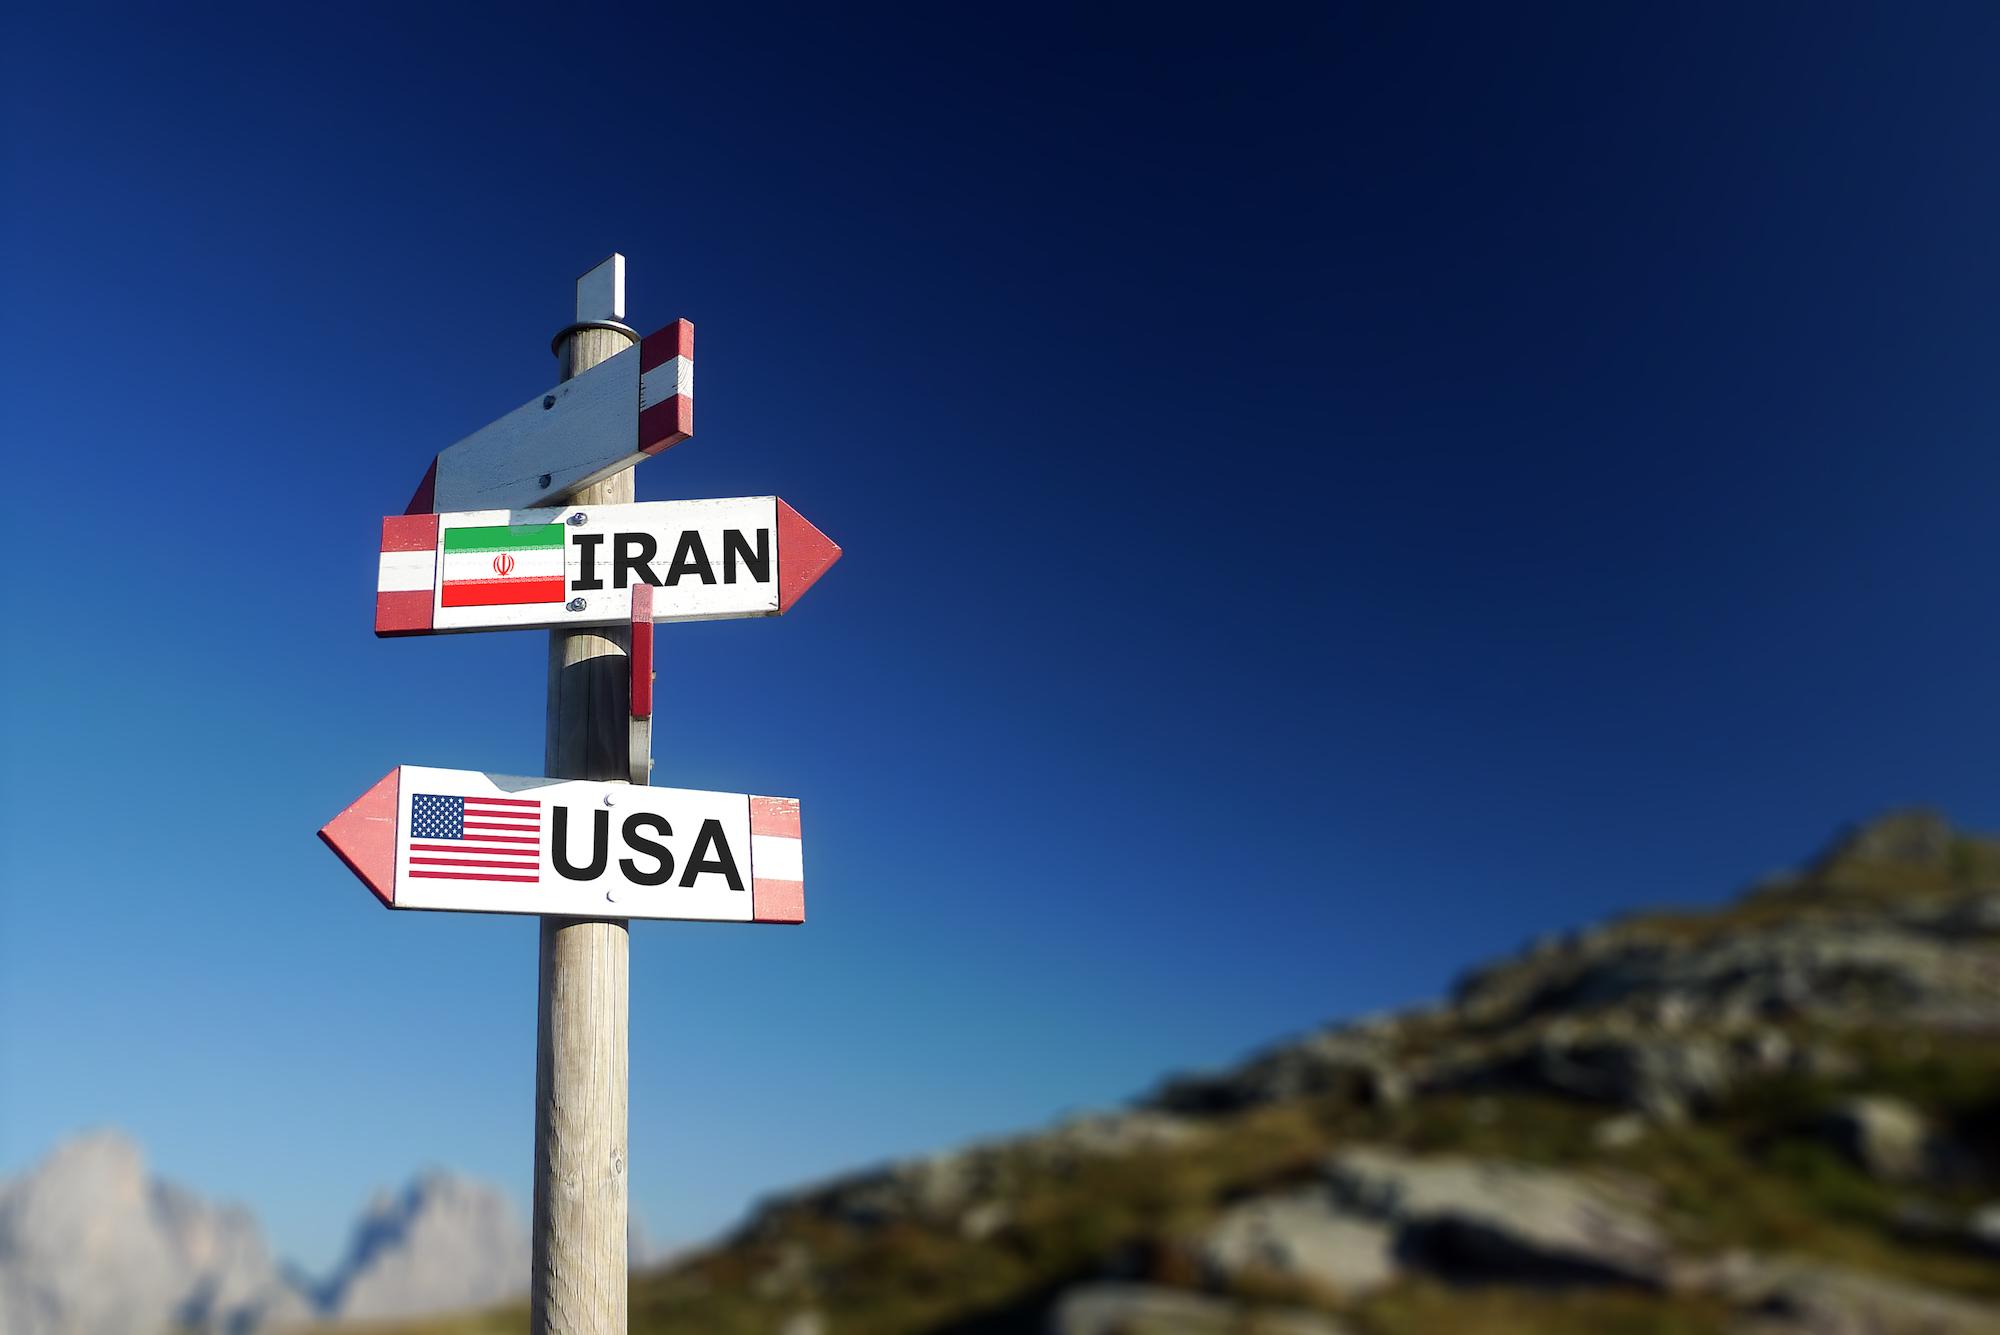 تأثير محدود: تداعيات العقوبات الأمريكية على النظام الإيراني